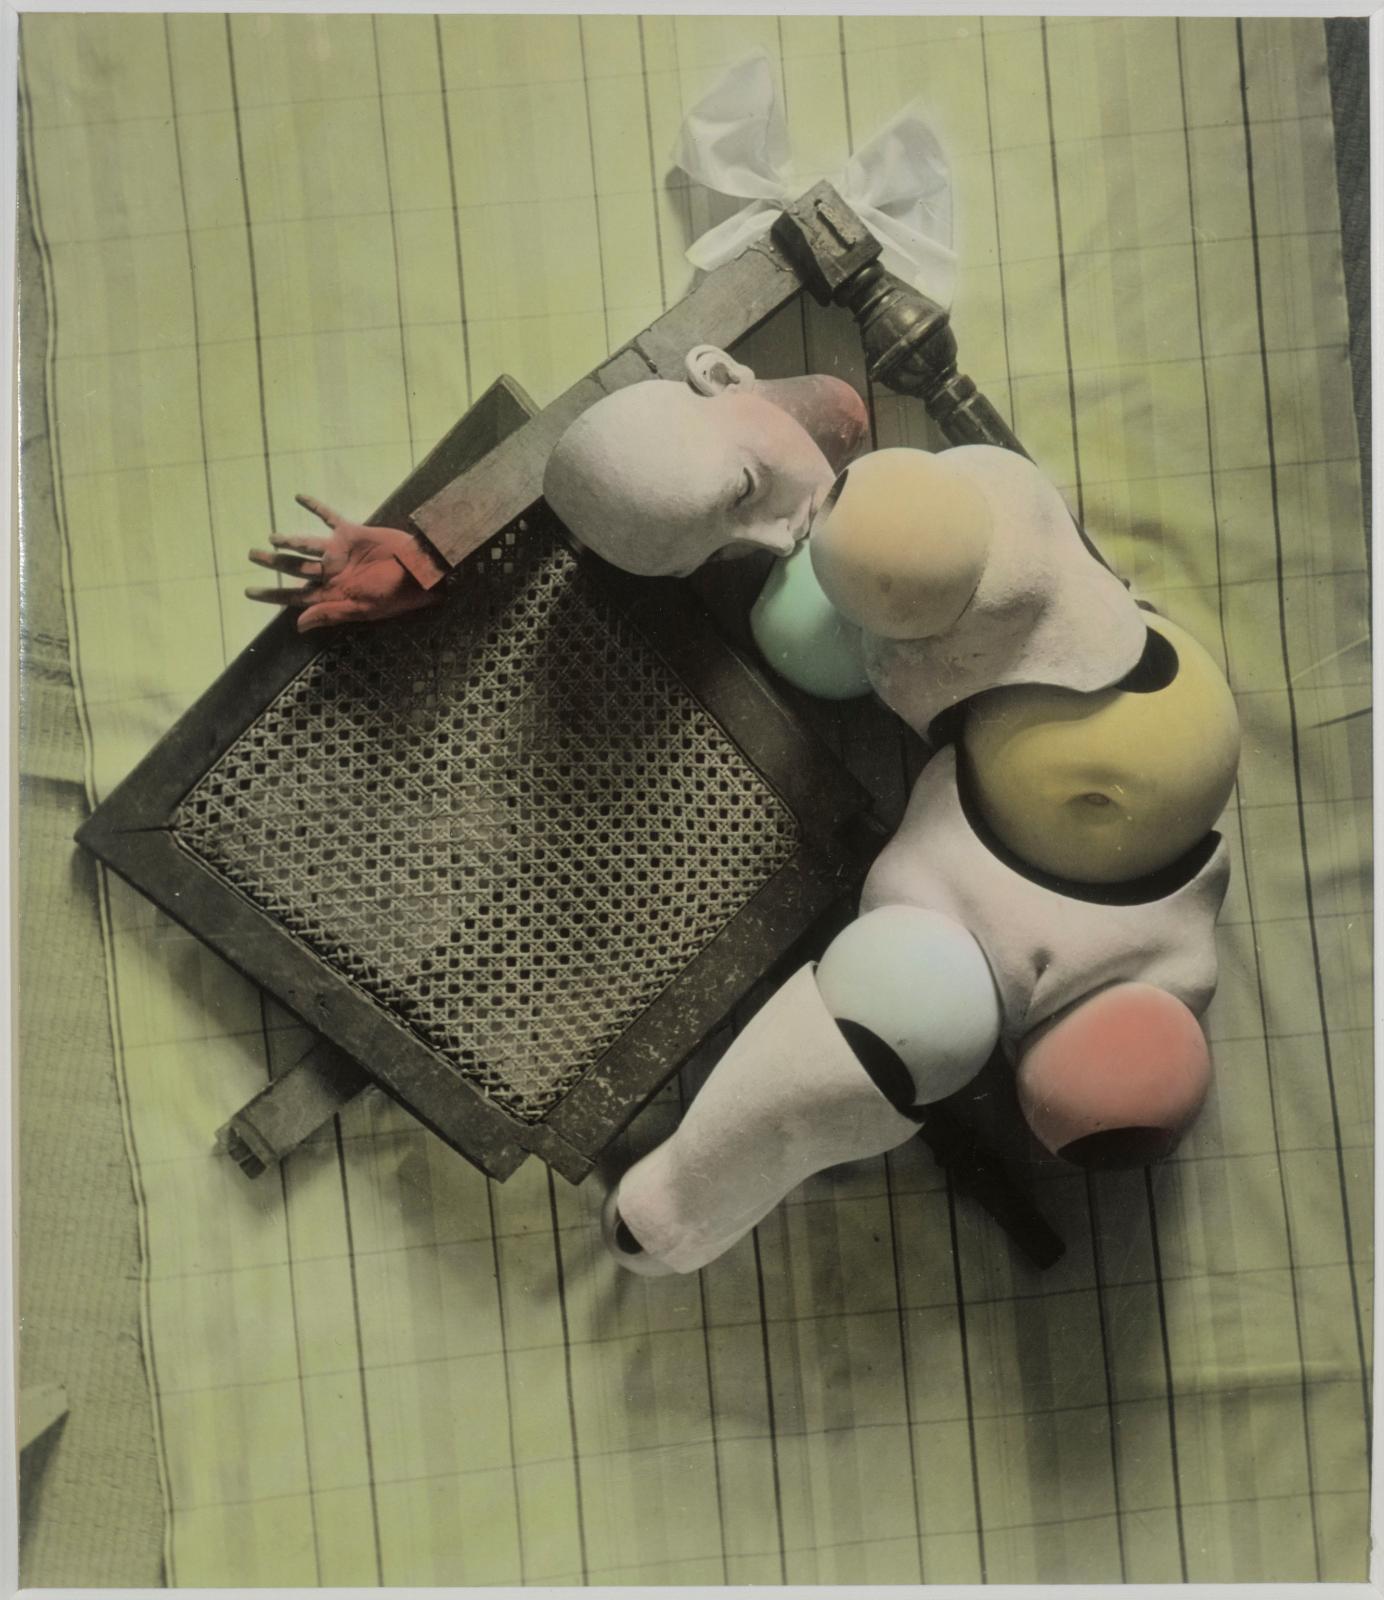 Hans Bellmer(1902-1975), La Poupée, 1938, épreuve gélatino-argentique coloriée à l'aniline, 27,1x23,6cm. Musée d'Art moderne de la Ville de Paris.